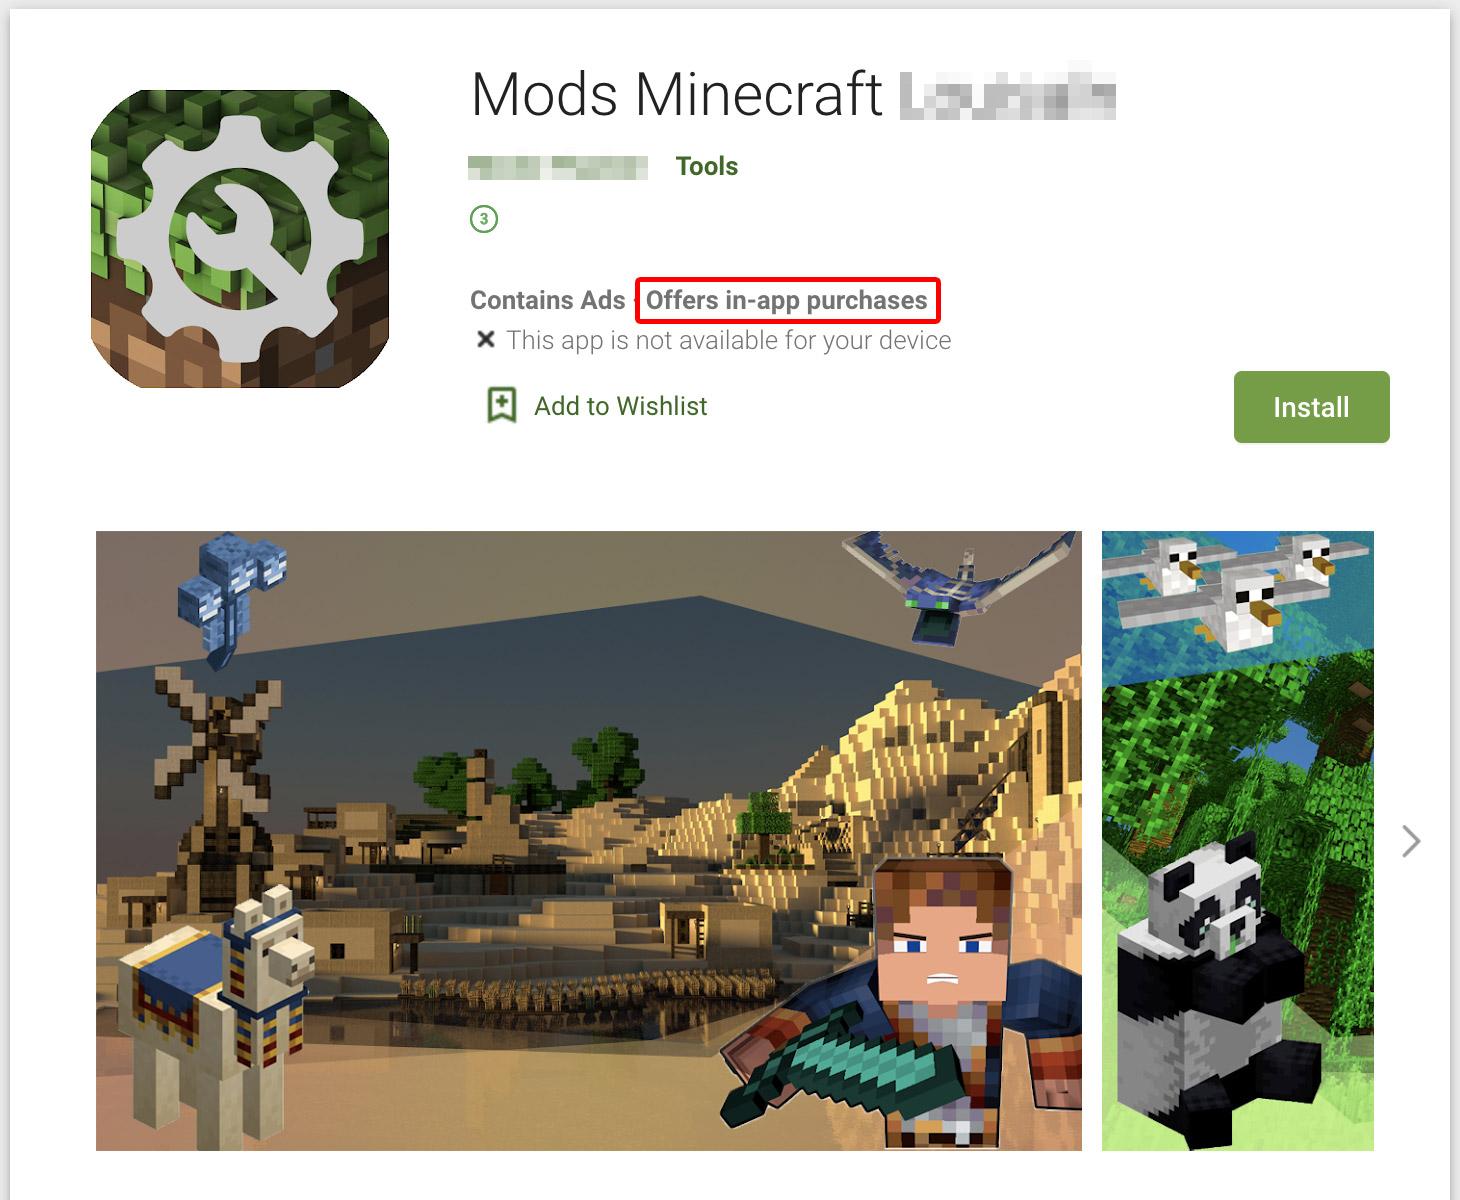 Voici l'un des packs de mods malveillants pour Minecraft dans Google Play